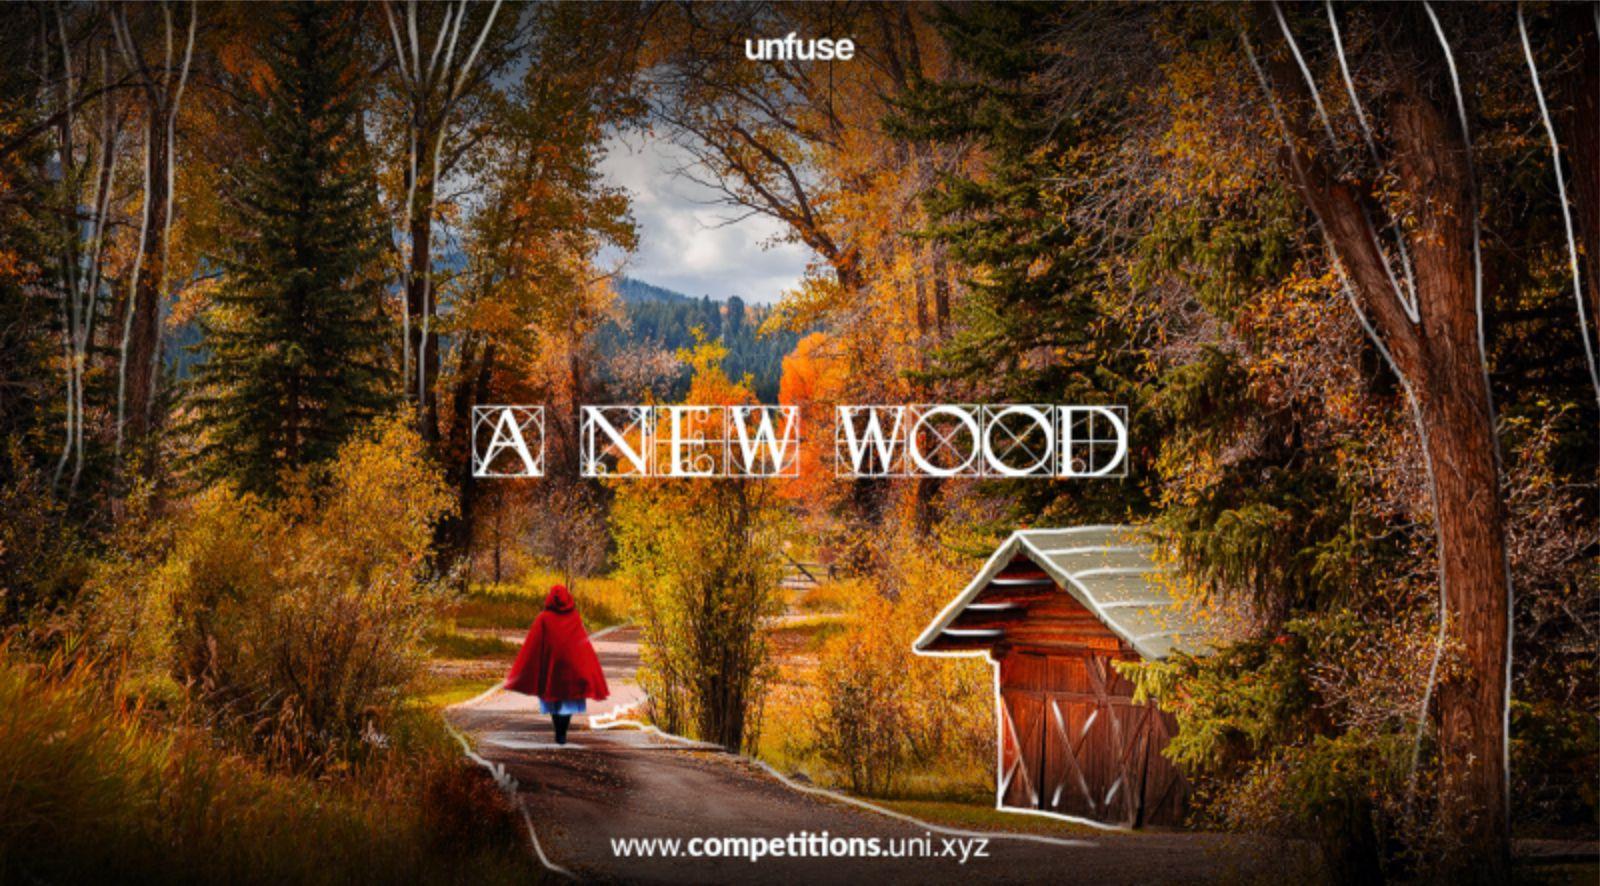 New Wood